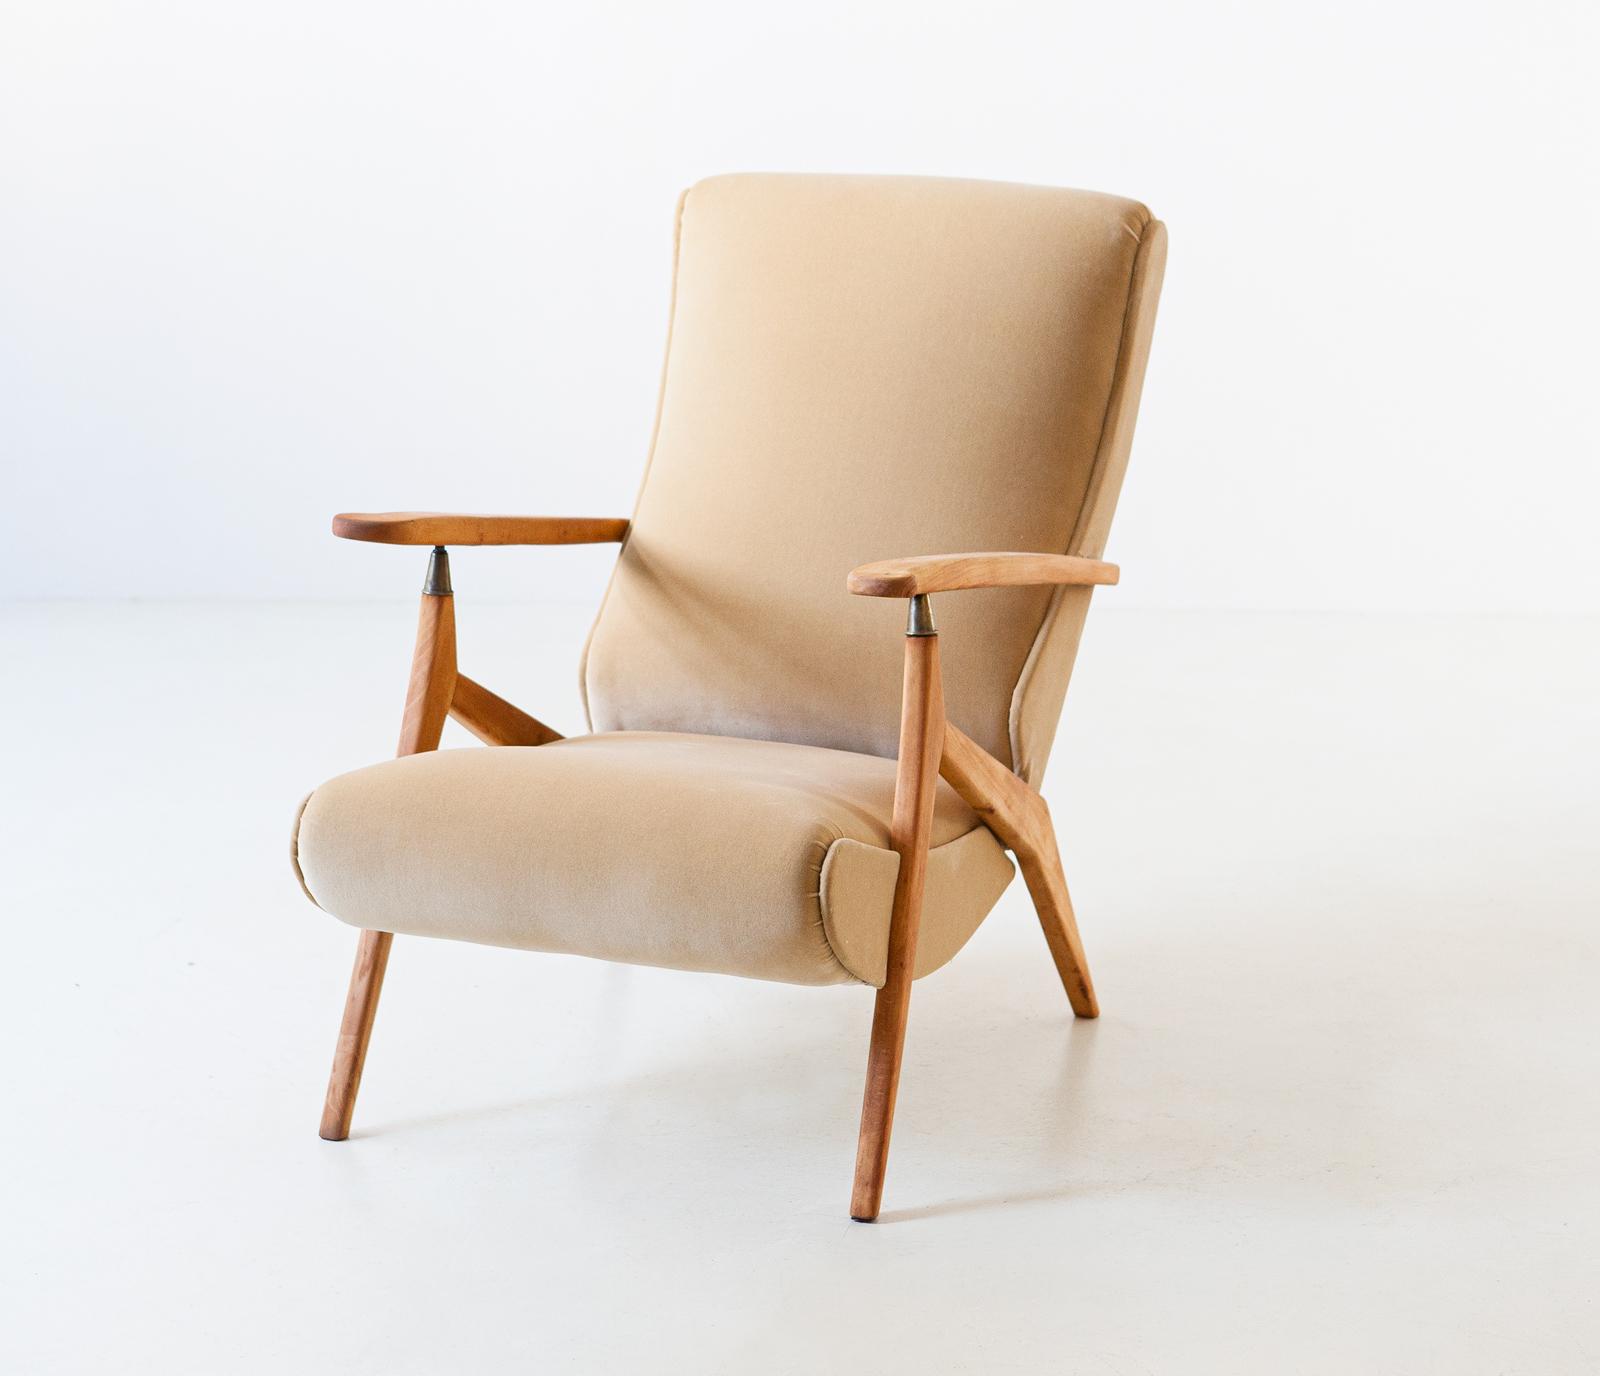 1950s-beech-and-sand-velvet-reclirer-lounge-chair-6-se320